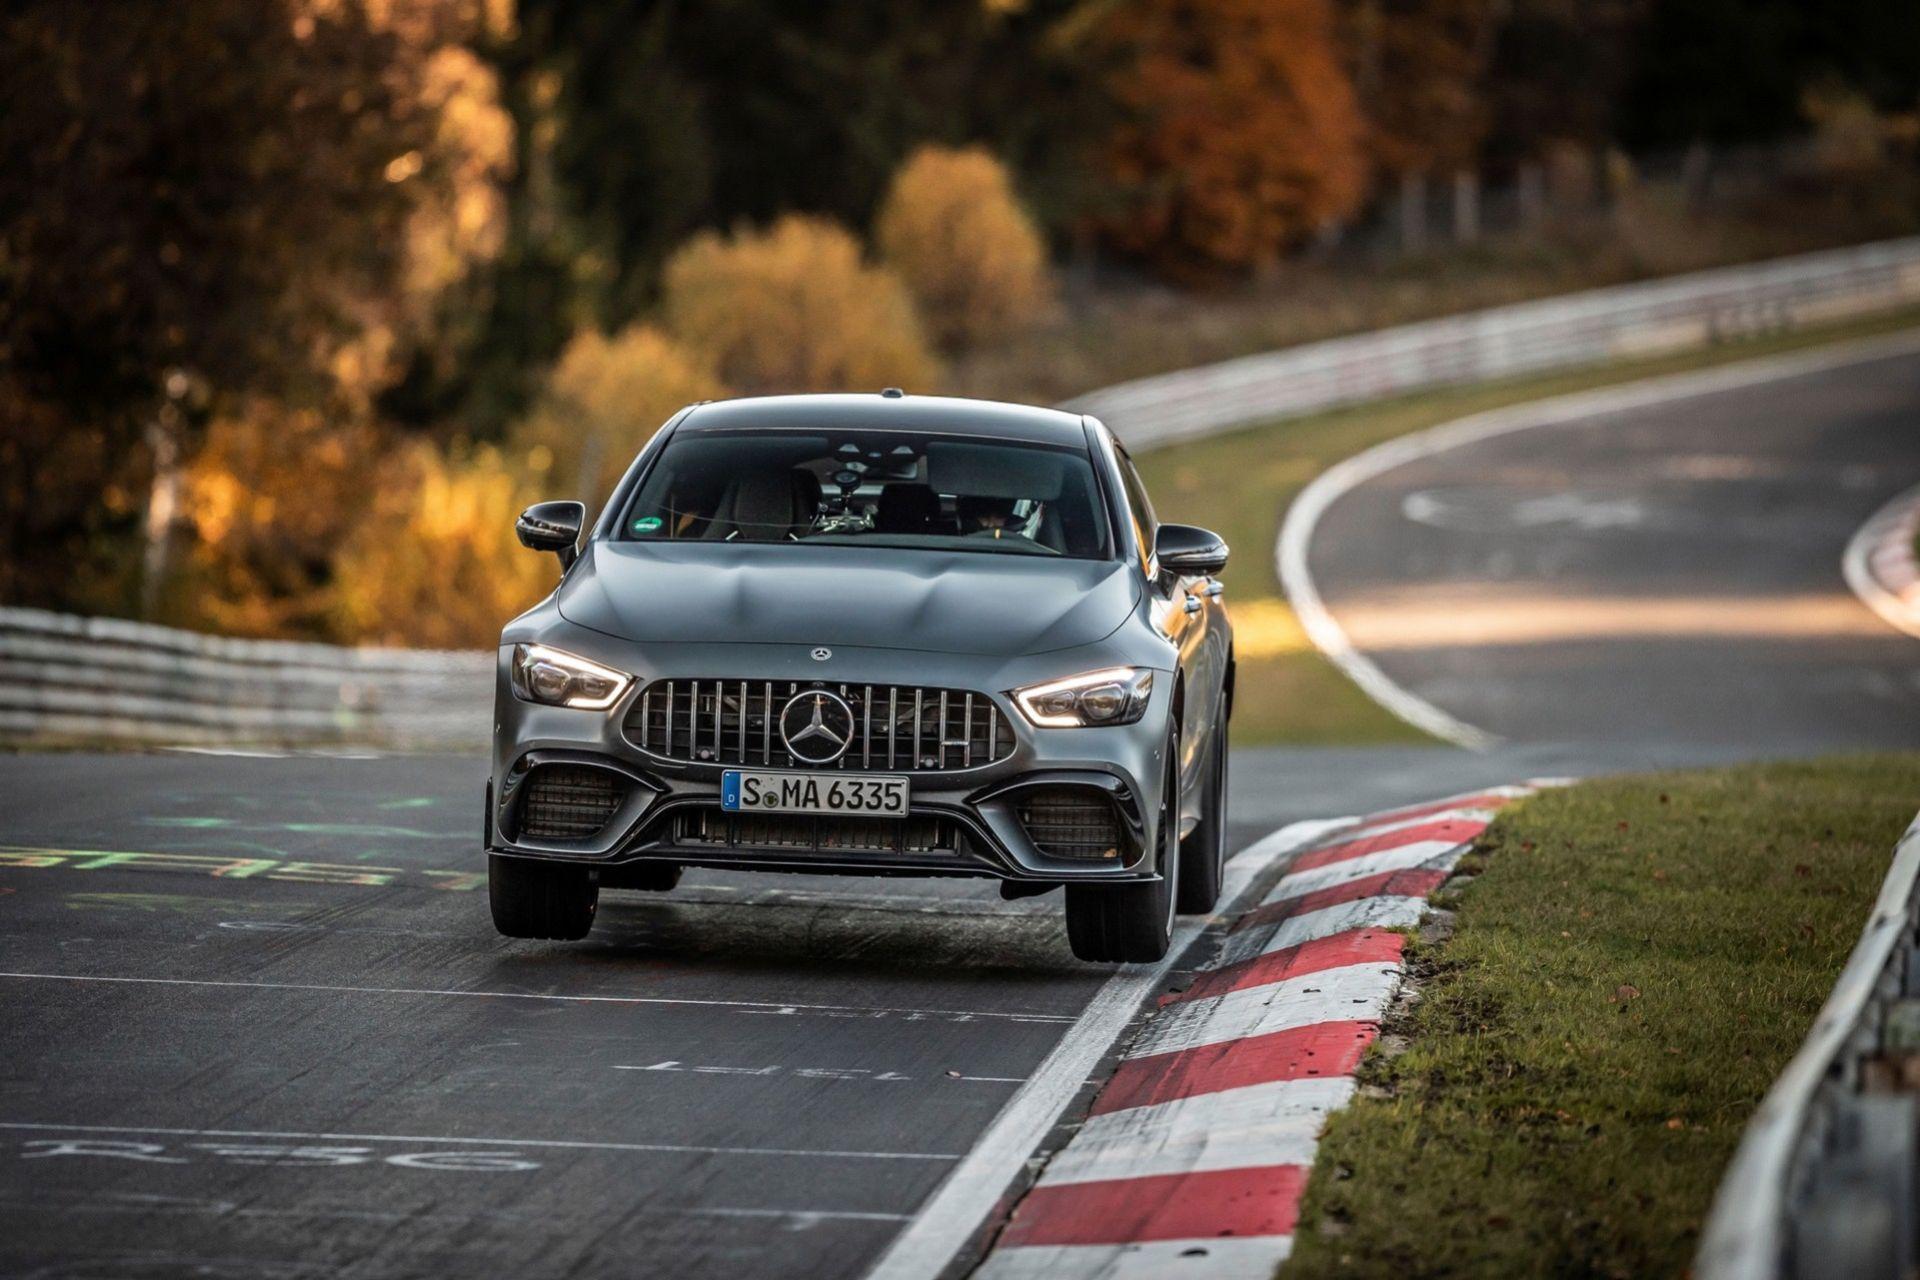 Mercedes-AMG GT 63 S sätter nytt rekord på Ringen